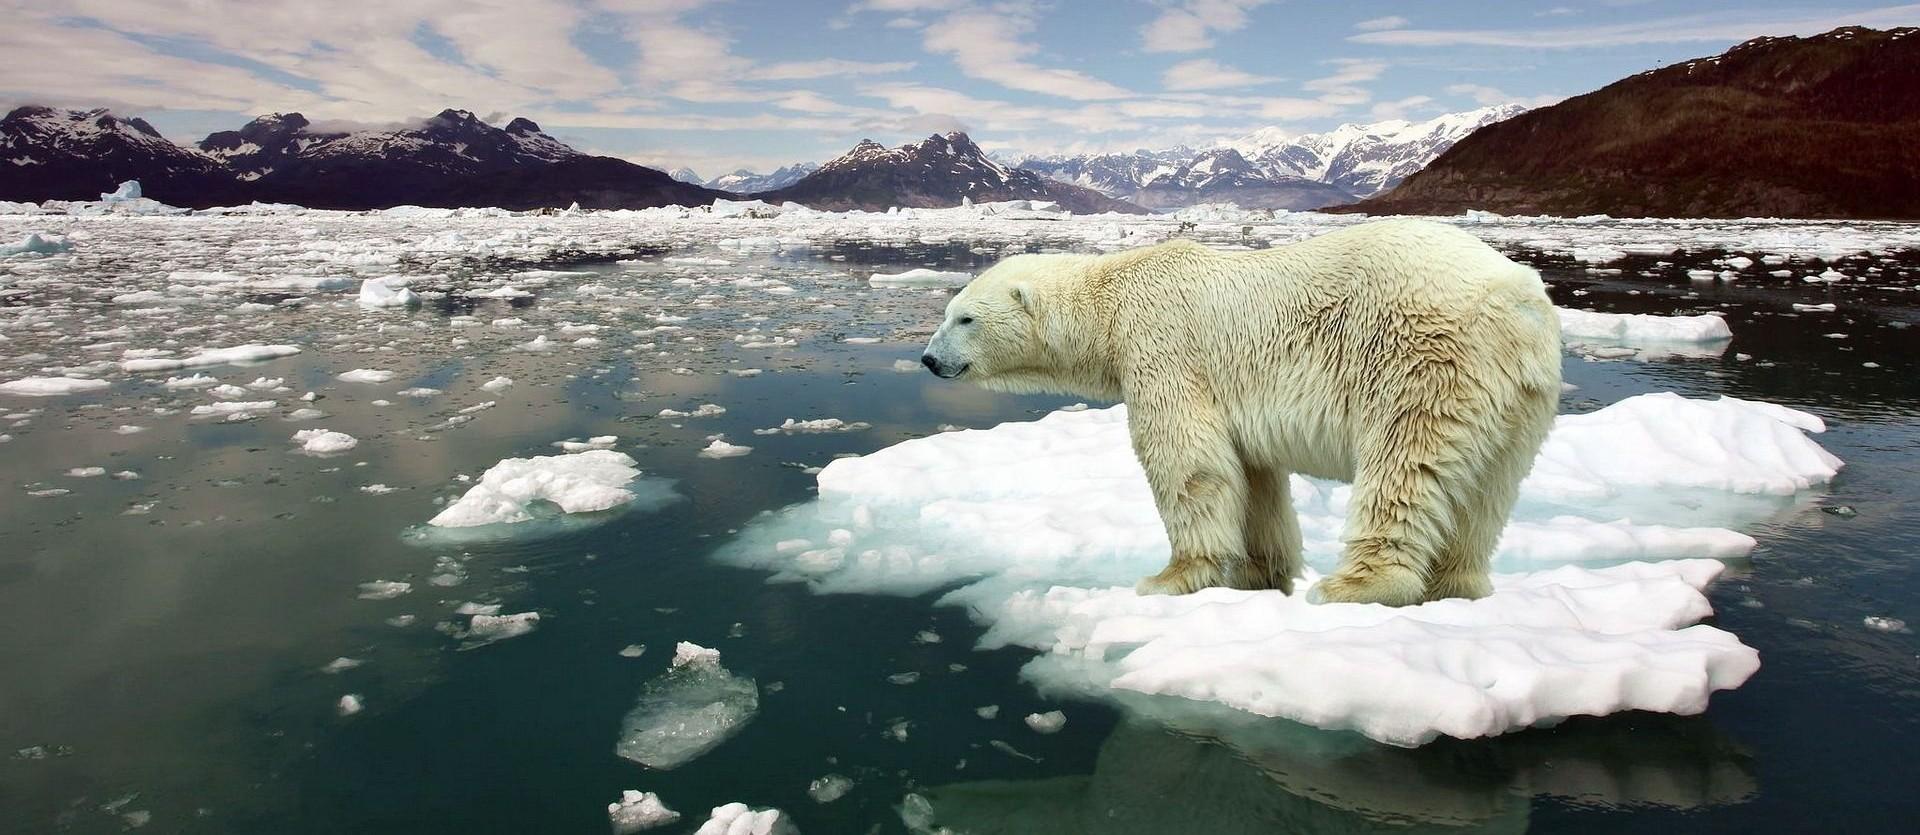 Risultati immagini per orsi polari cambiamenti climatici